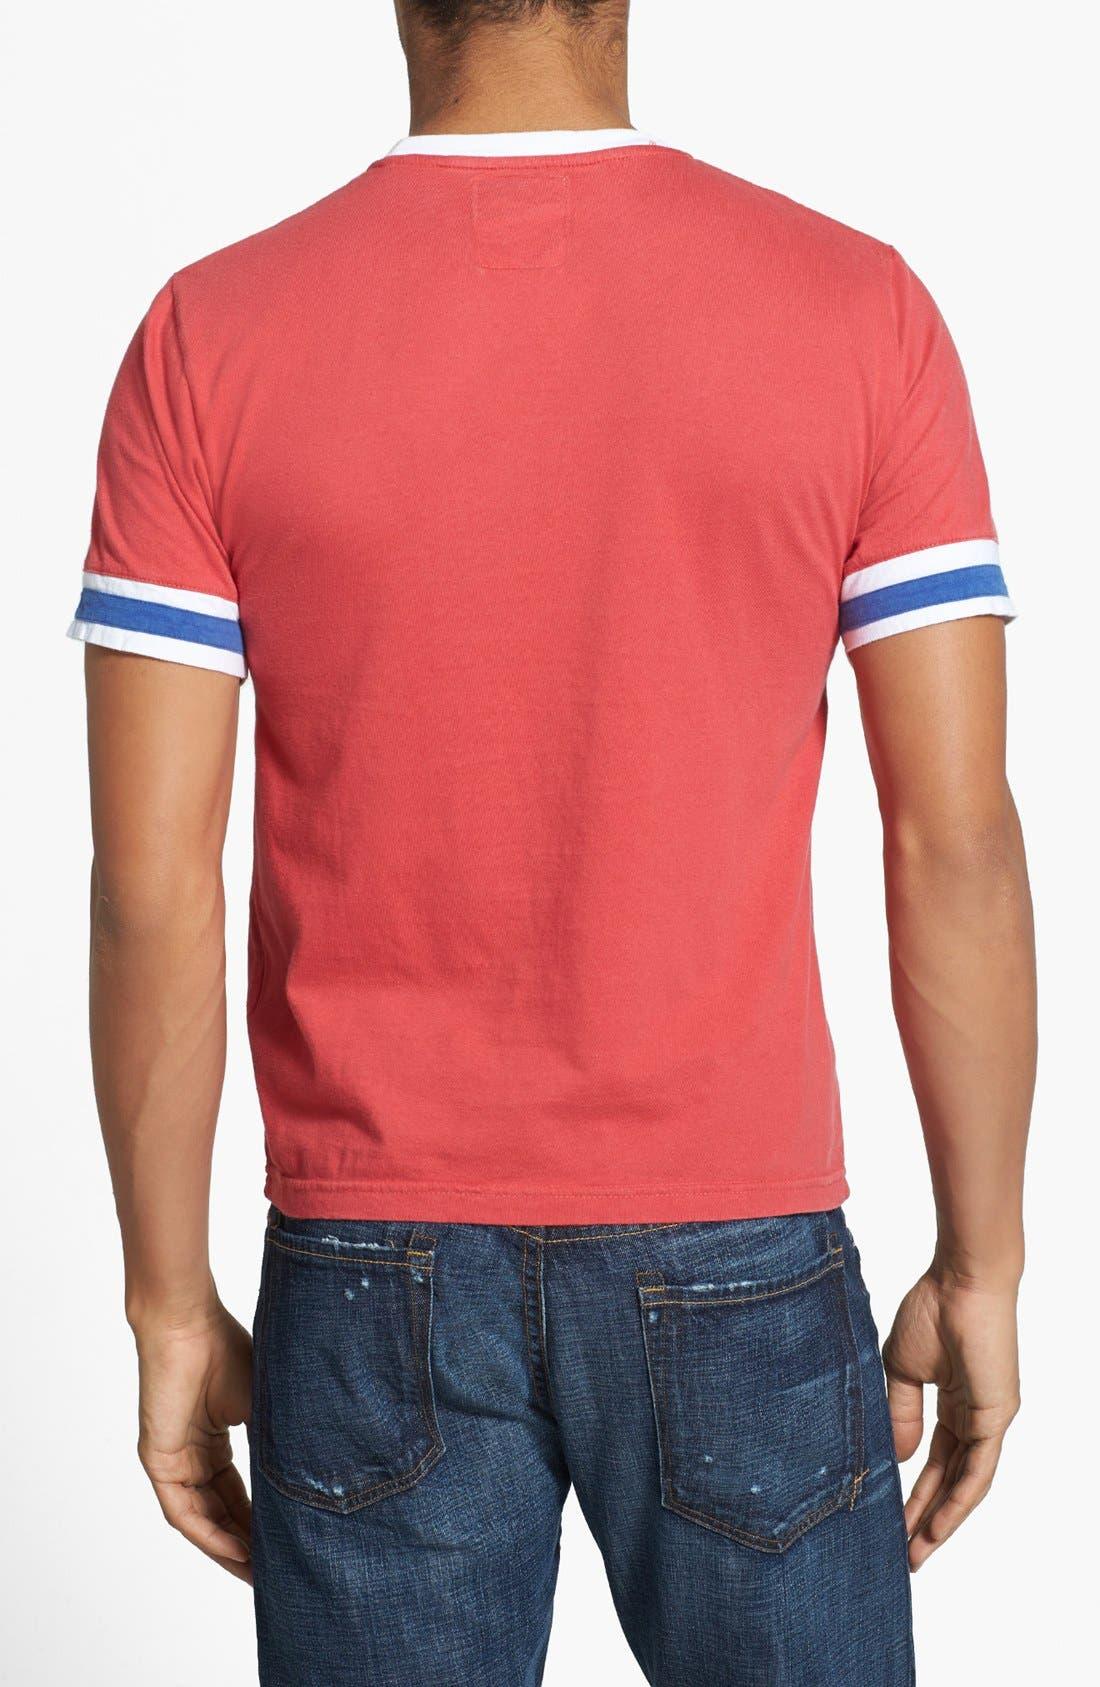 Alternate Image 2  - Red Jacket 'Canadians' T-Shirt (Men)